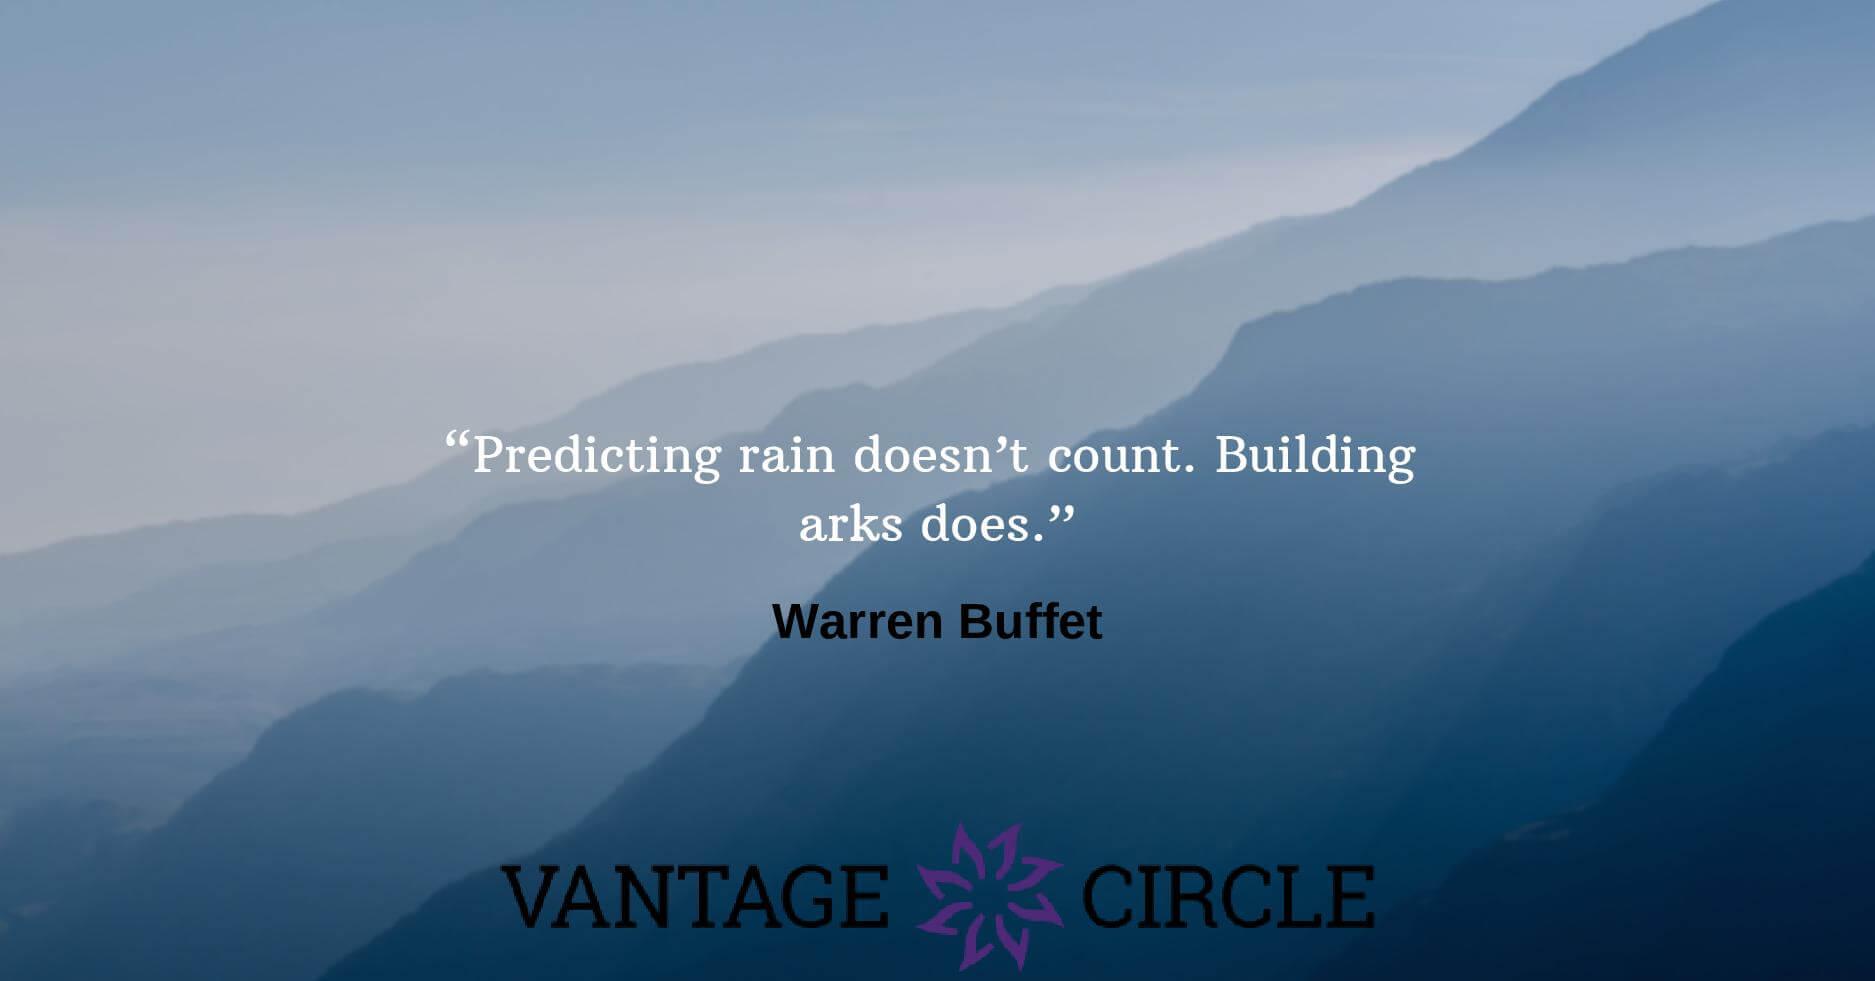 Employee-motivational-quotes-Warren-Buffet